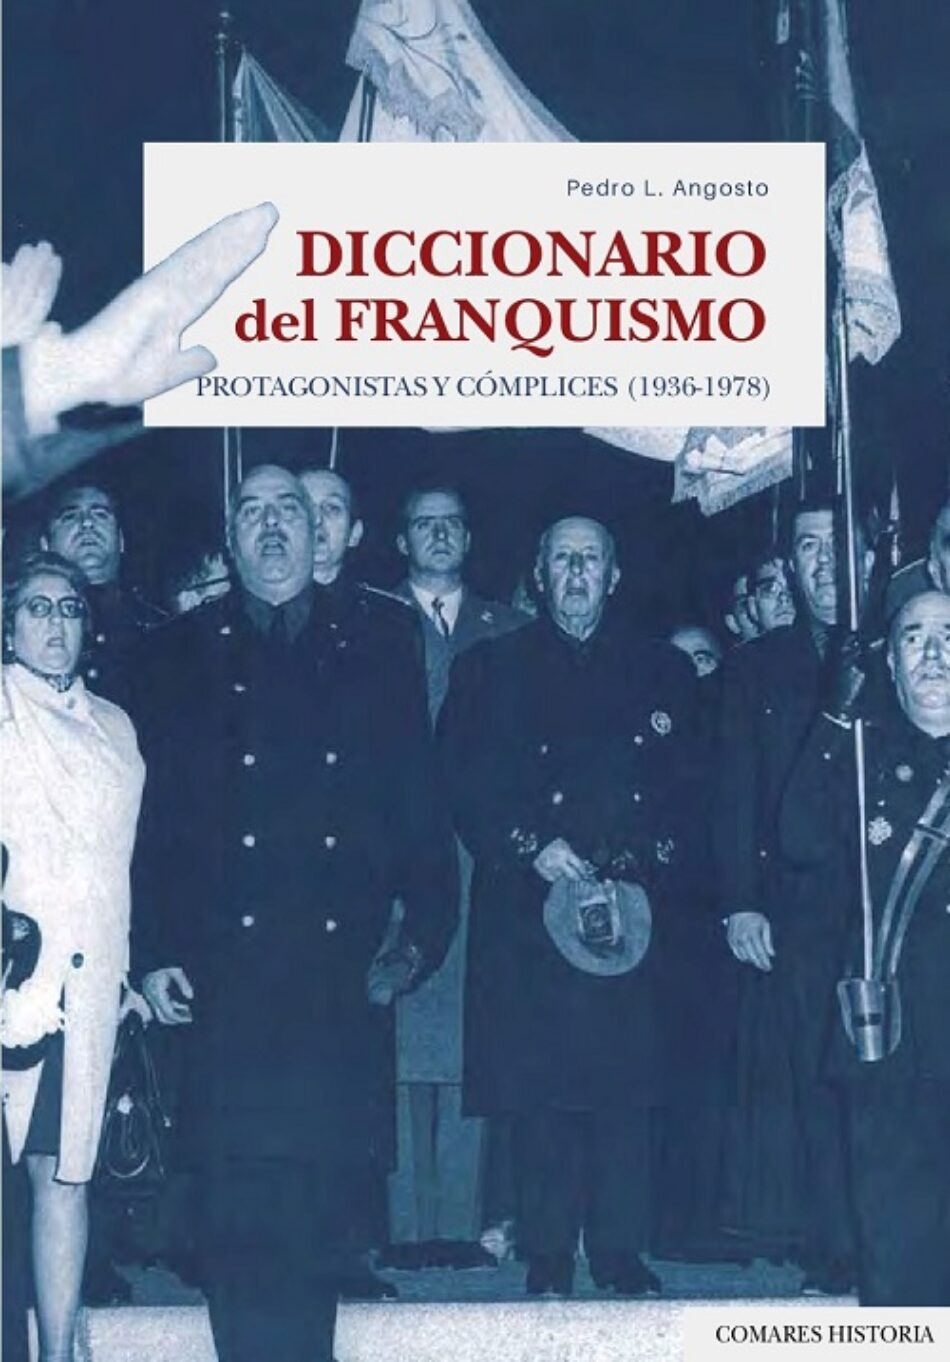 «Diccionario del franquismo. Protagonistas y cómplices, 1936-1978″Diccionario del franquismo